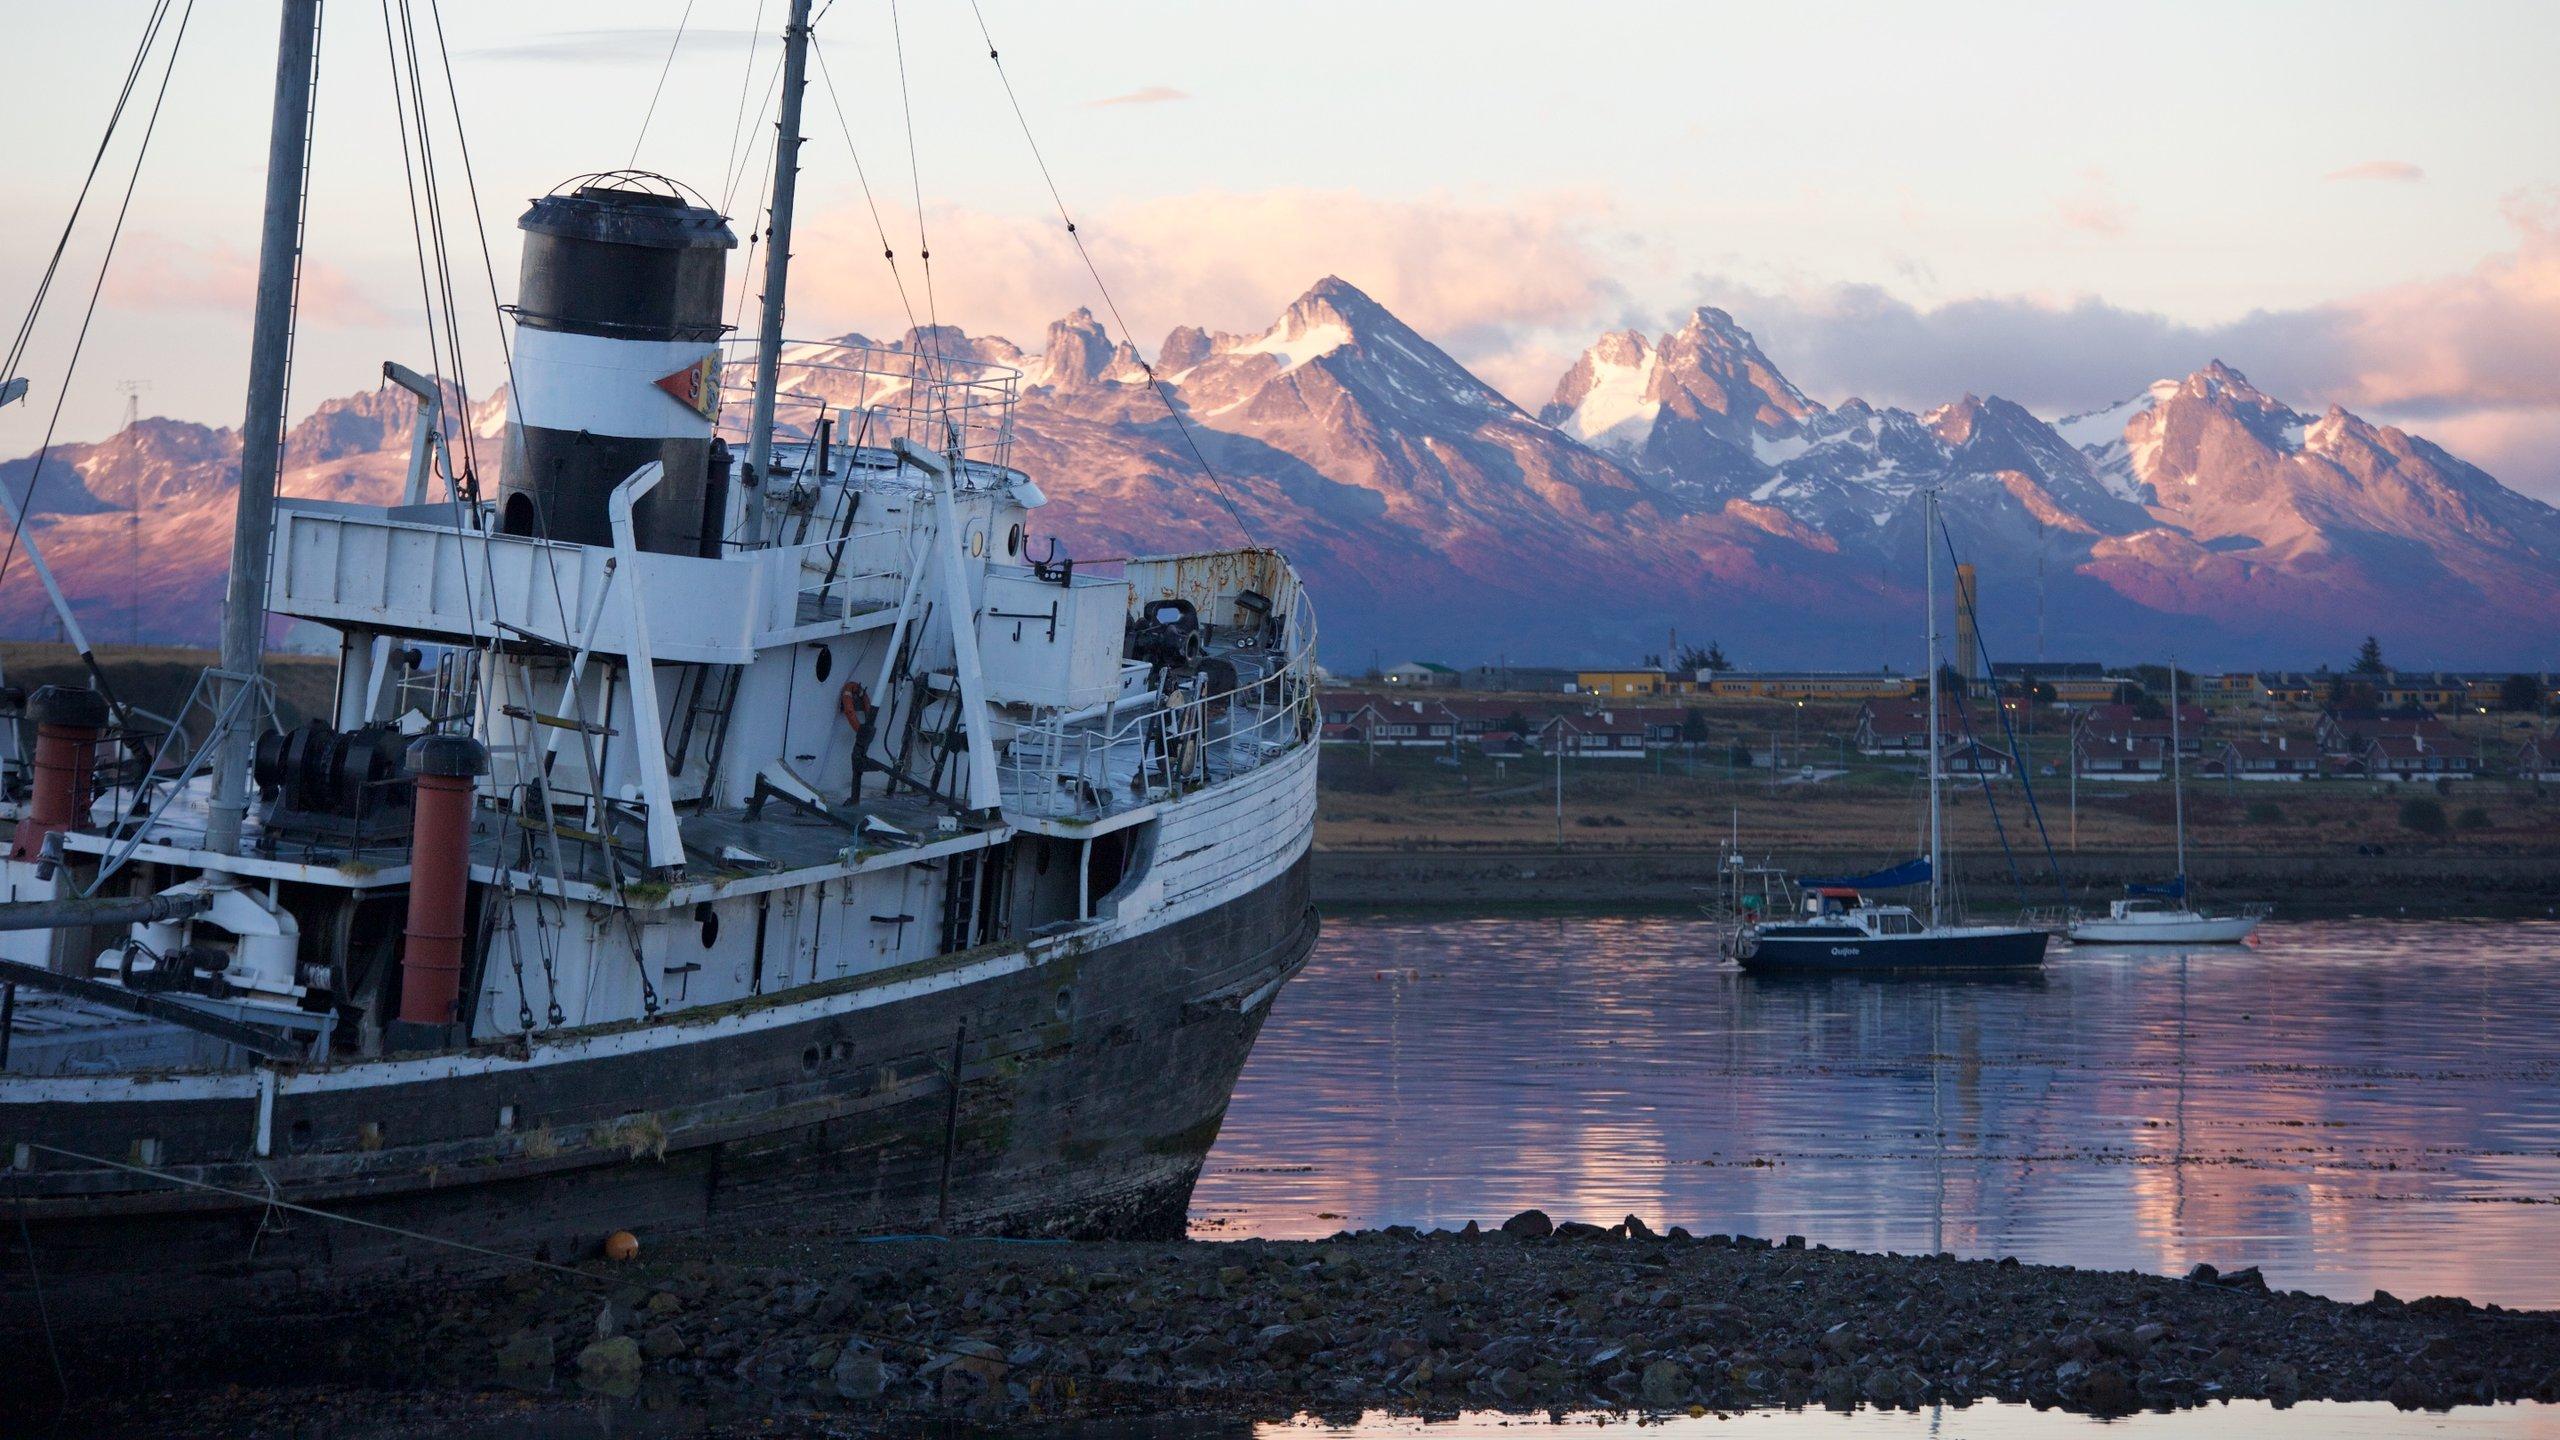 Ushuaia, Tierra del Fuego Province, Argentina